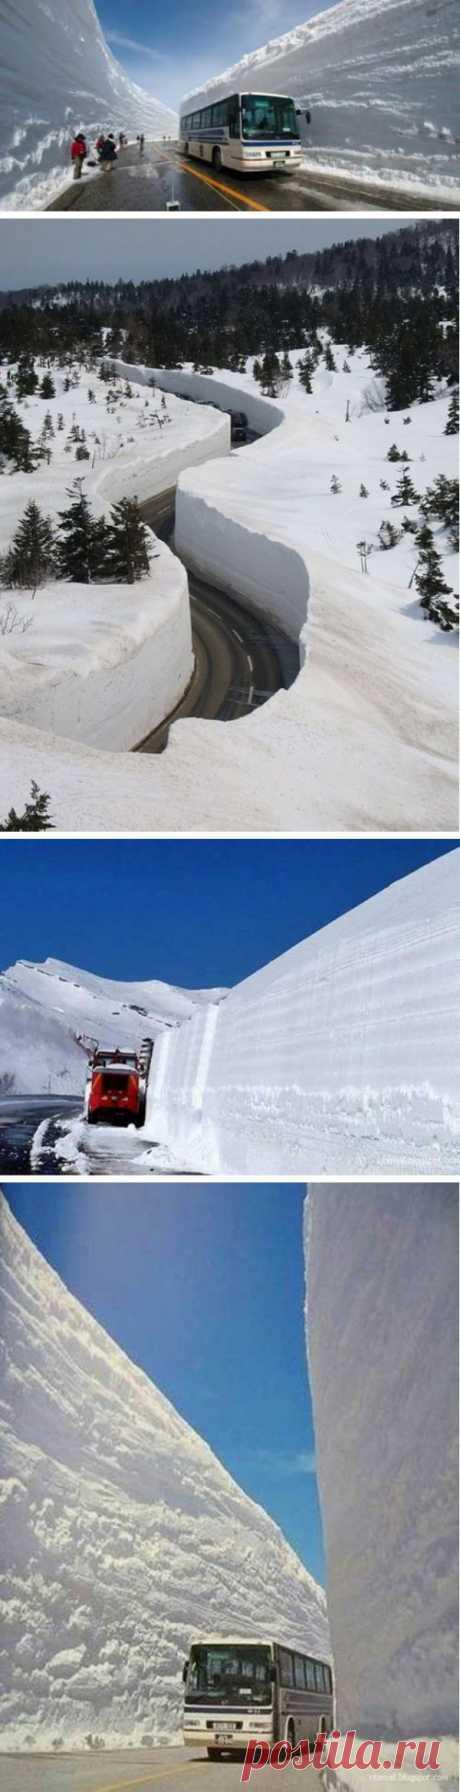 Вы видели столько снега? Снежные стены на дорогах Японии.